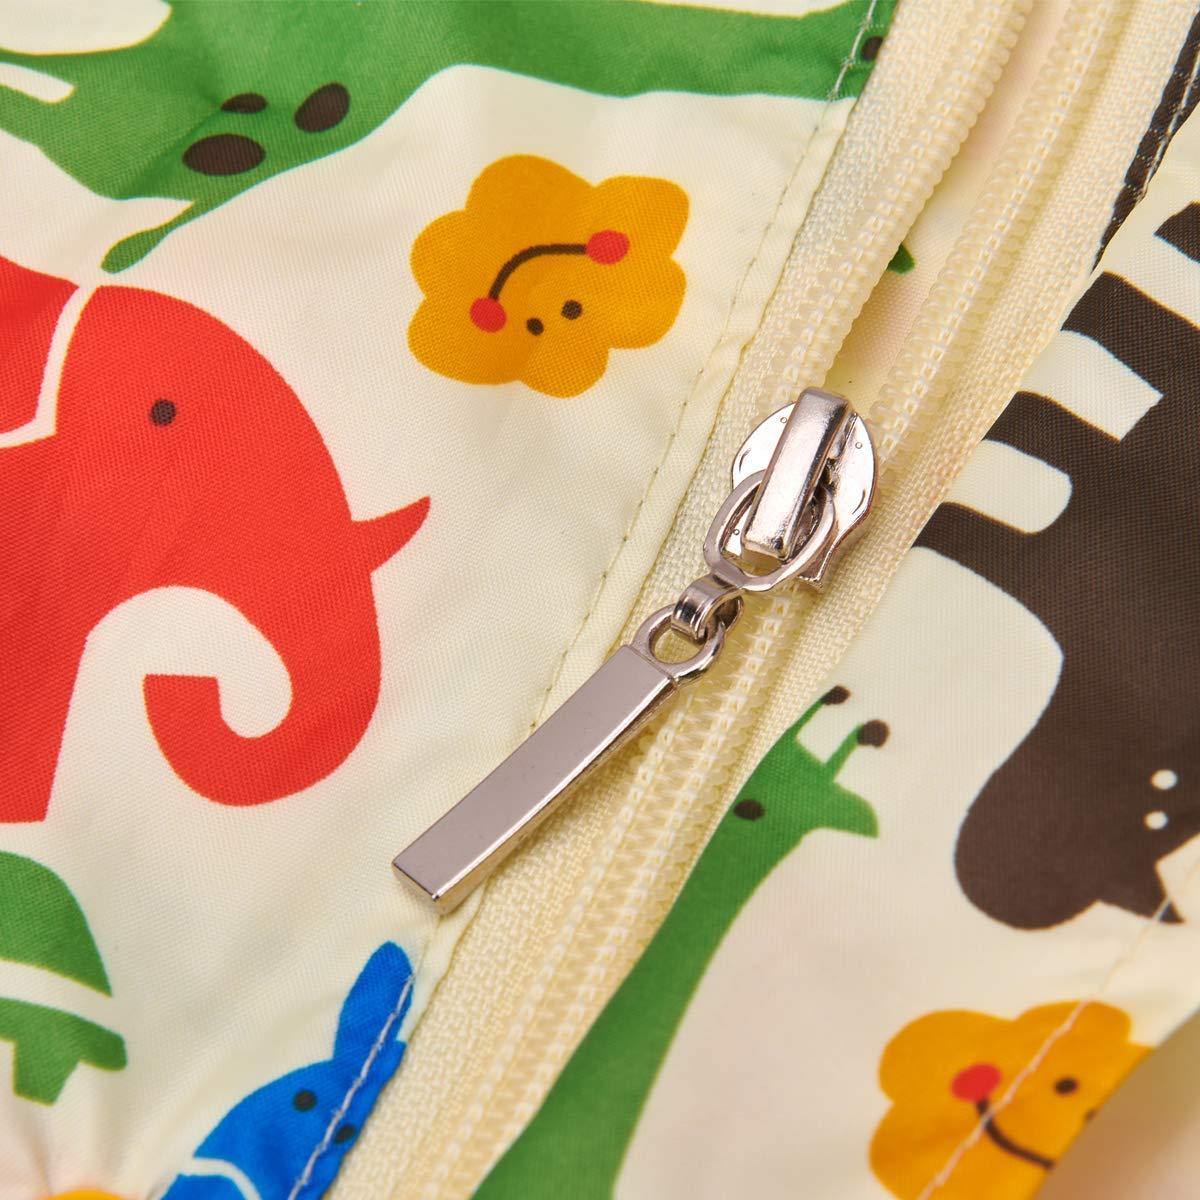 Marque:S 1-5ans Animal Bwiv Imperm/éable /à Capuche Enfant Poncho Pluie Gar/çon Combinaison de Pluie Fille 1-7ans Cape Pluie L/éger V/êtements de Pluie Jaune